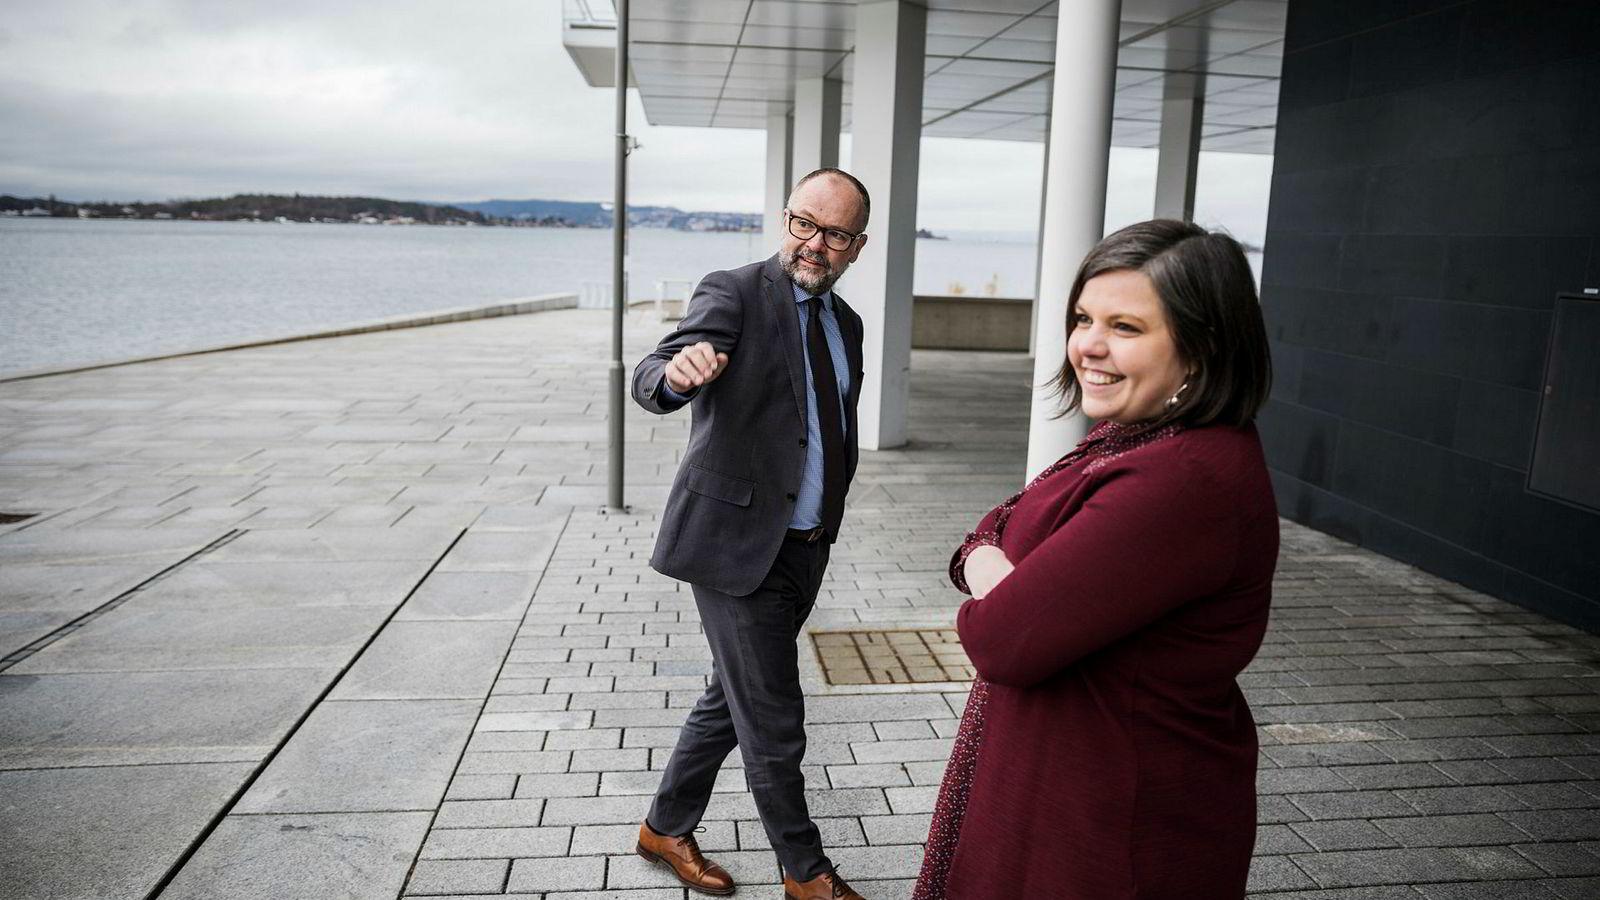 Ledende partner Are Slettan og styremedlem og partner Kaia Tetlie i Corporate Communications utenfor kontorene på Tjuvholmen.